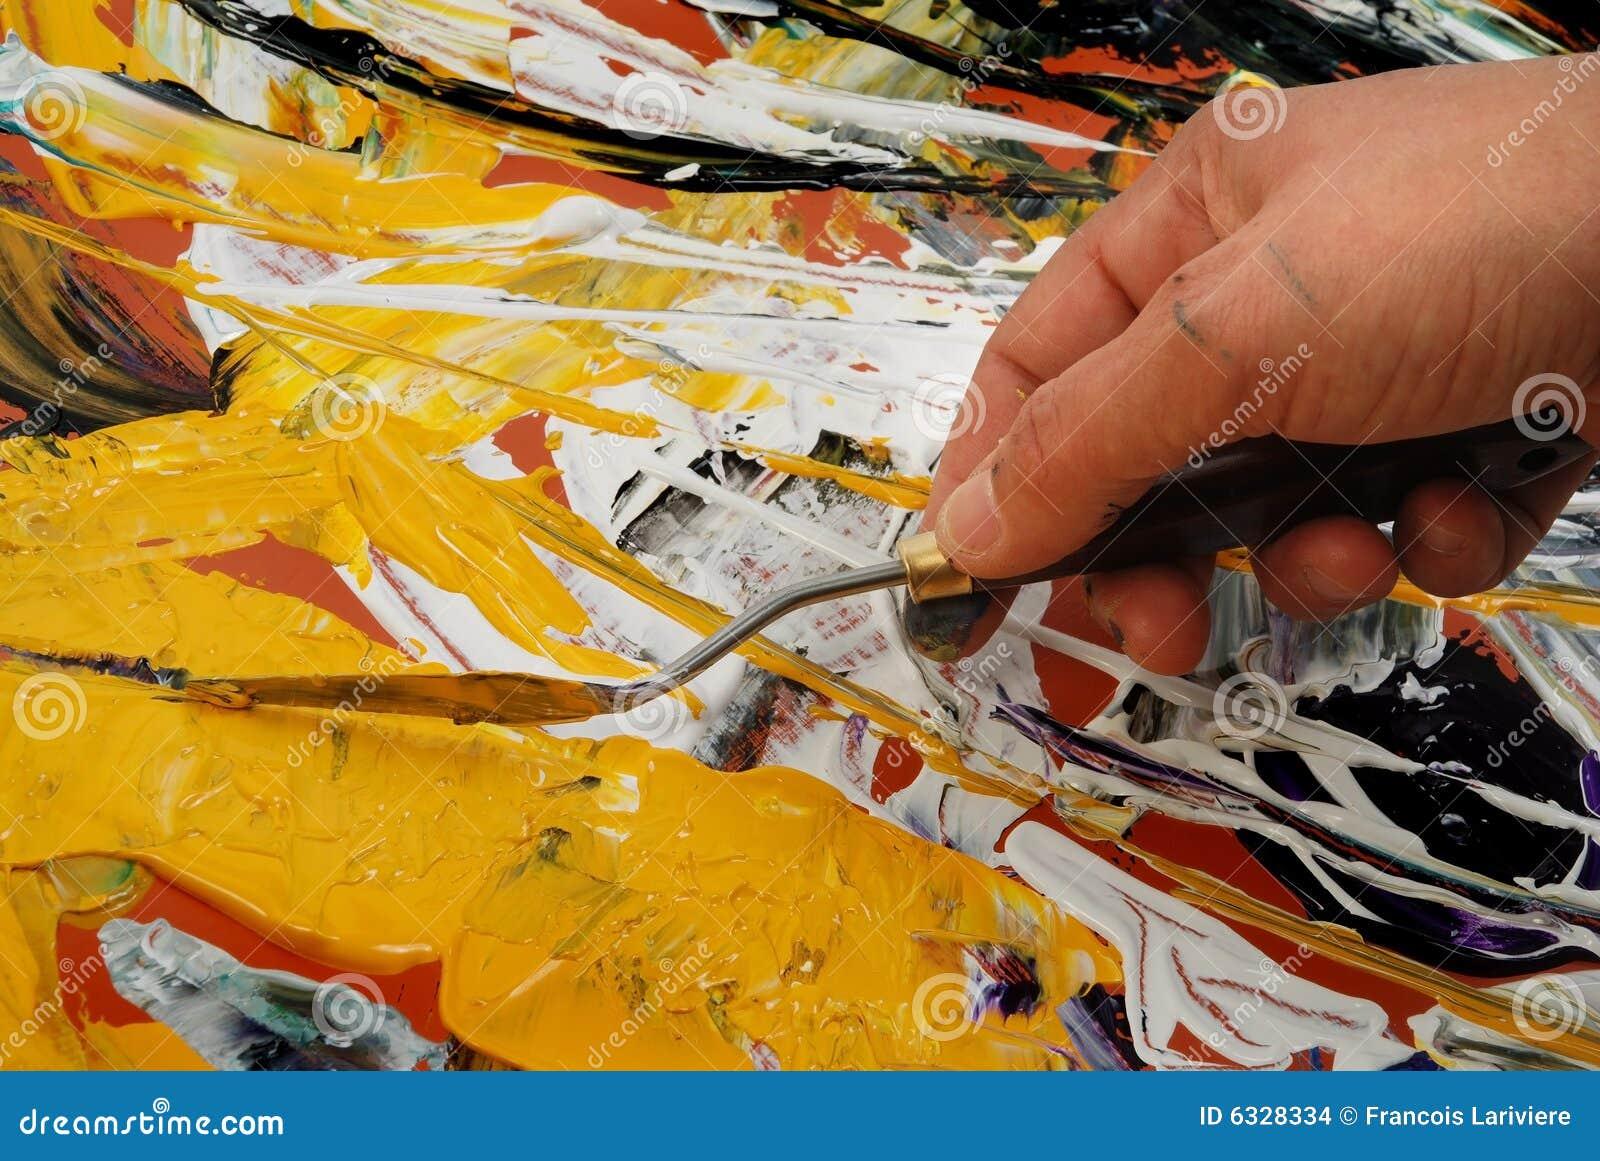 peinture avec la spatule images stock image 6328334